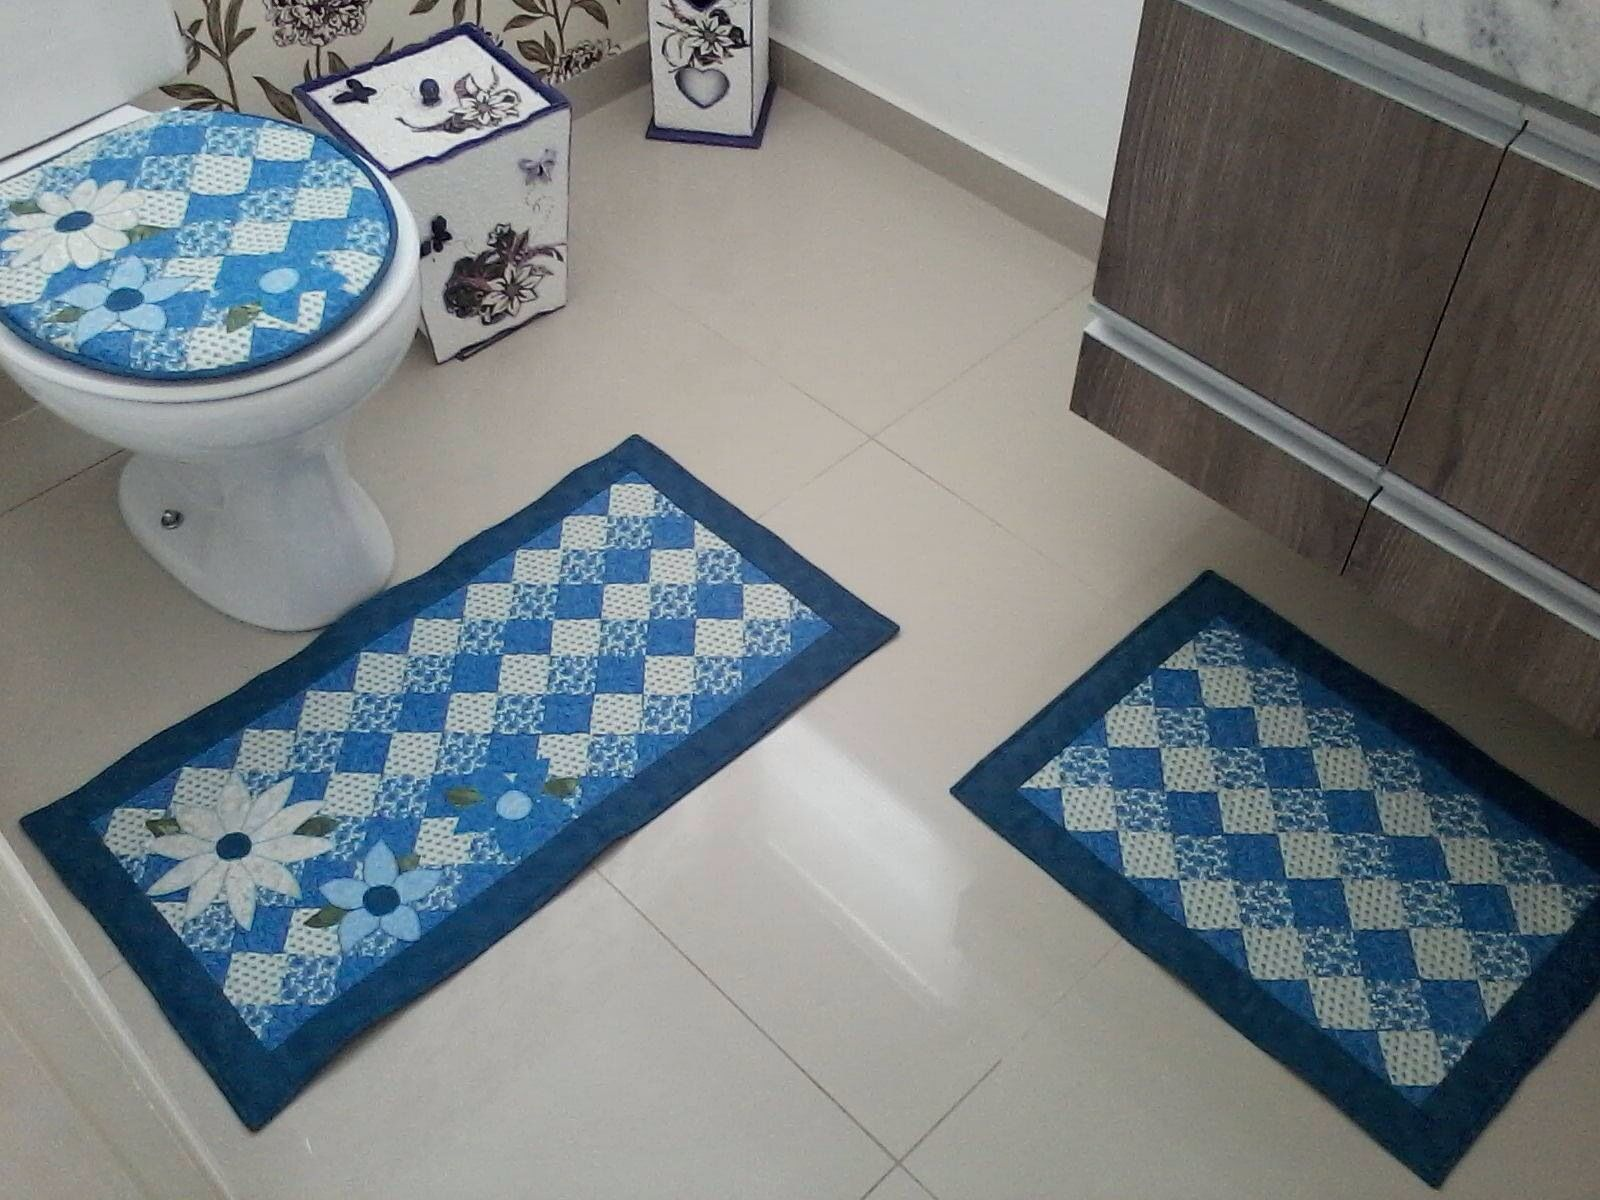 Jogo Banheiro Bete Tapete De Retalho Jogos De Banheiro Croche